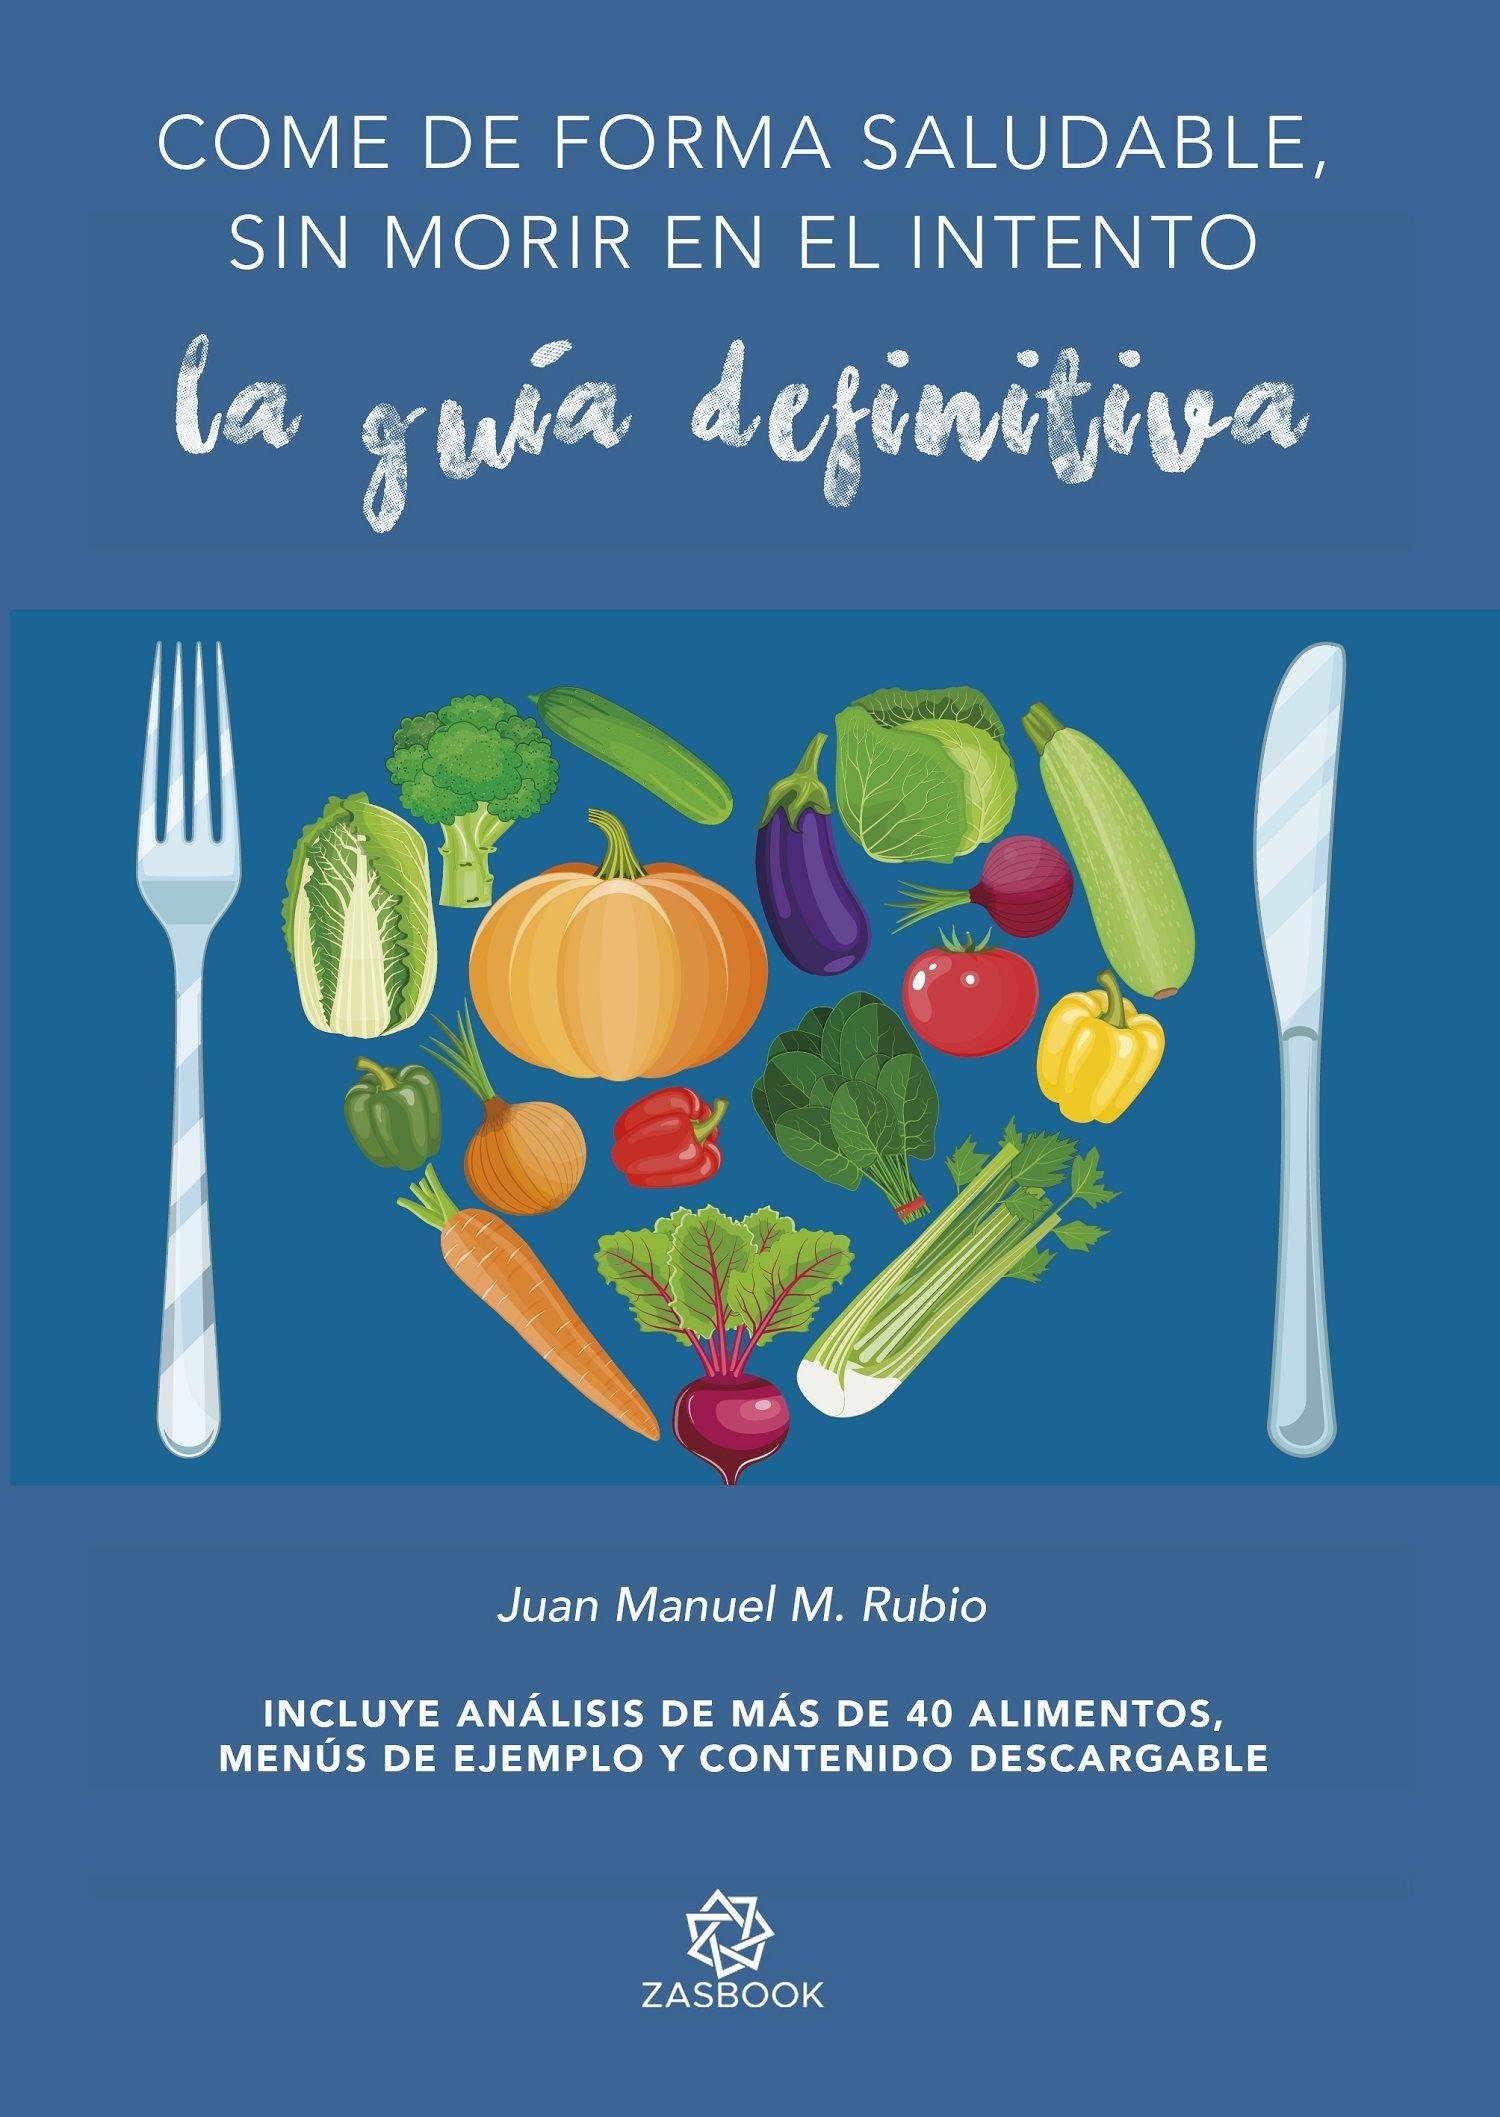 Juan Manuel Morales publica 'Come de forma saludable, sin morir en el intento' con la Editorial Zasbook